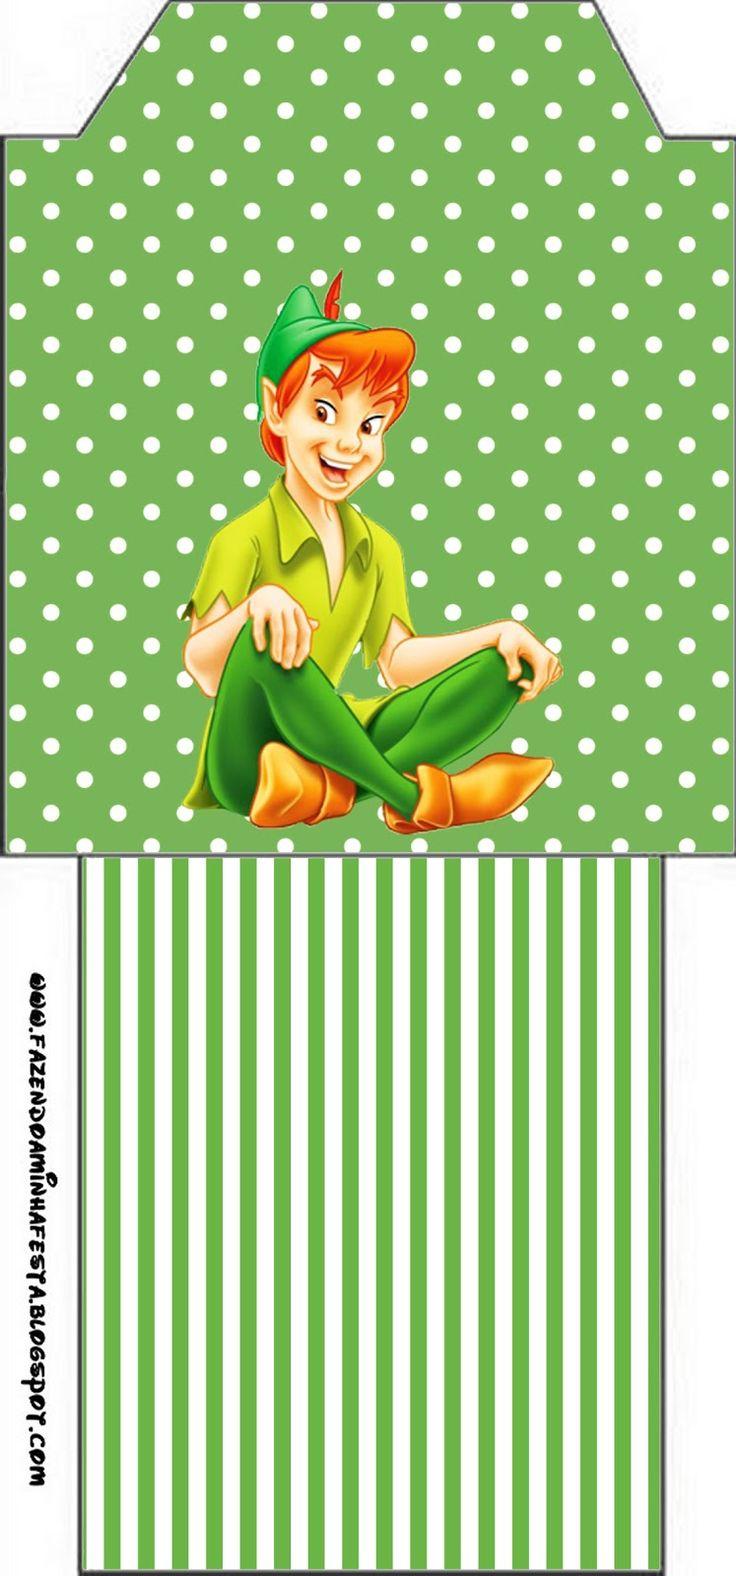 Ideas y material gratis para fiestas y celebraciones Oh My Fiesta!: Peter Pan: tarjetería para imprimir gratis.